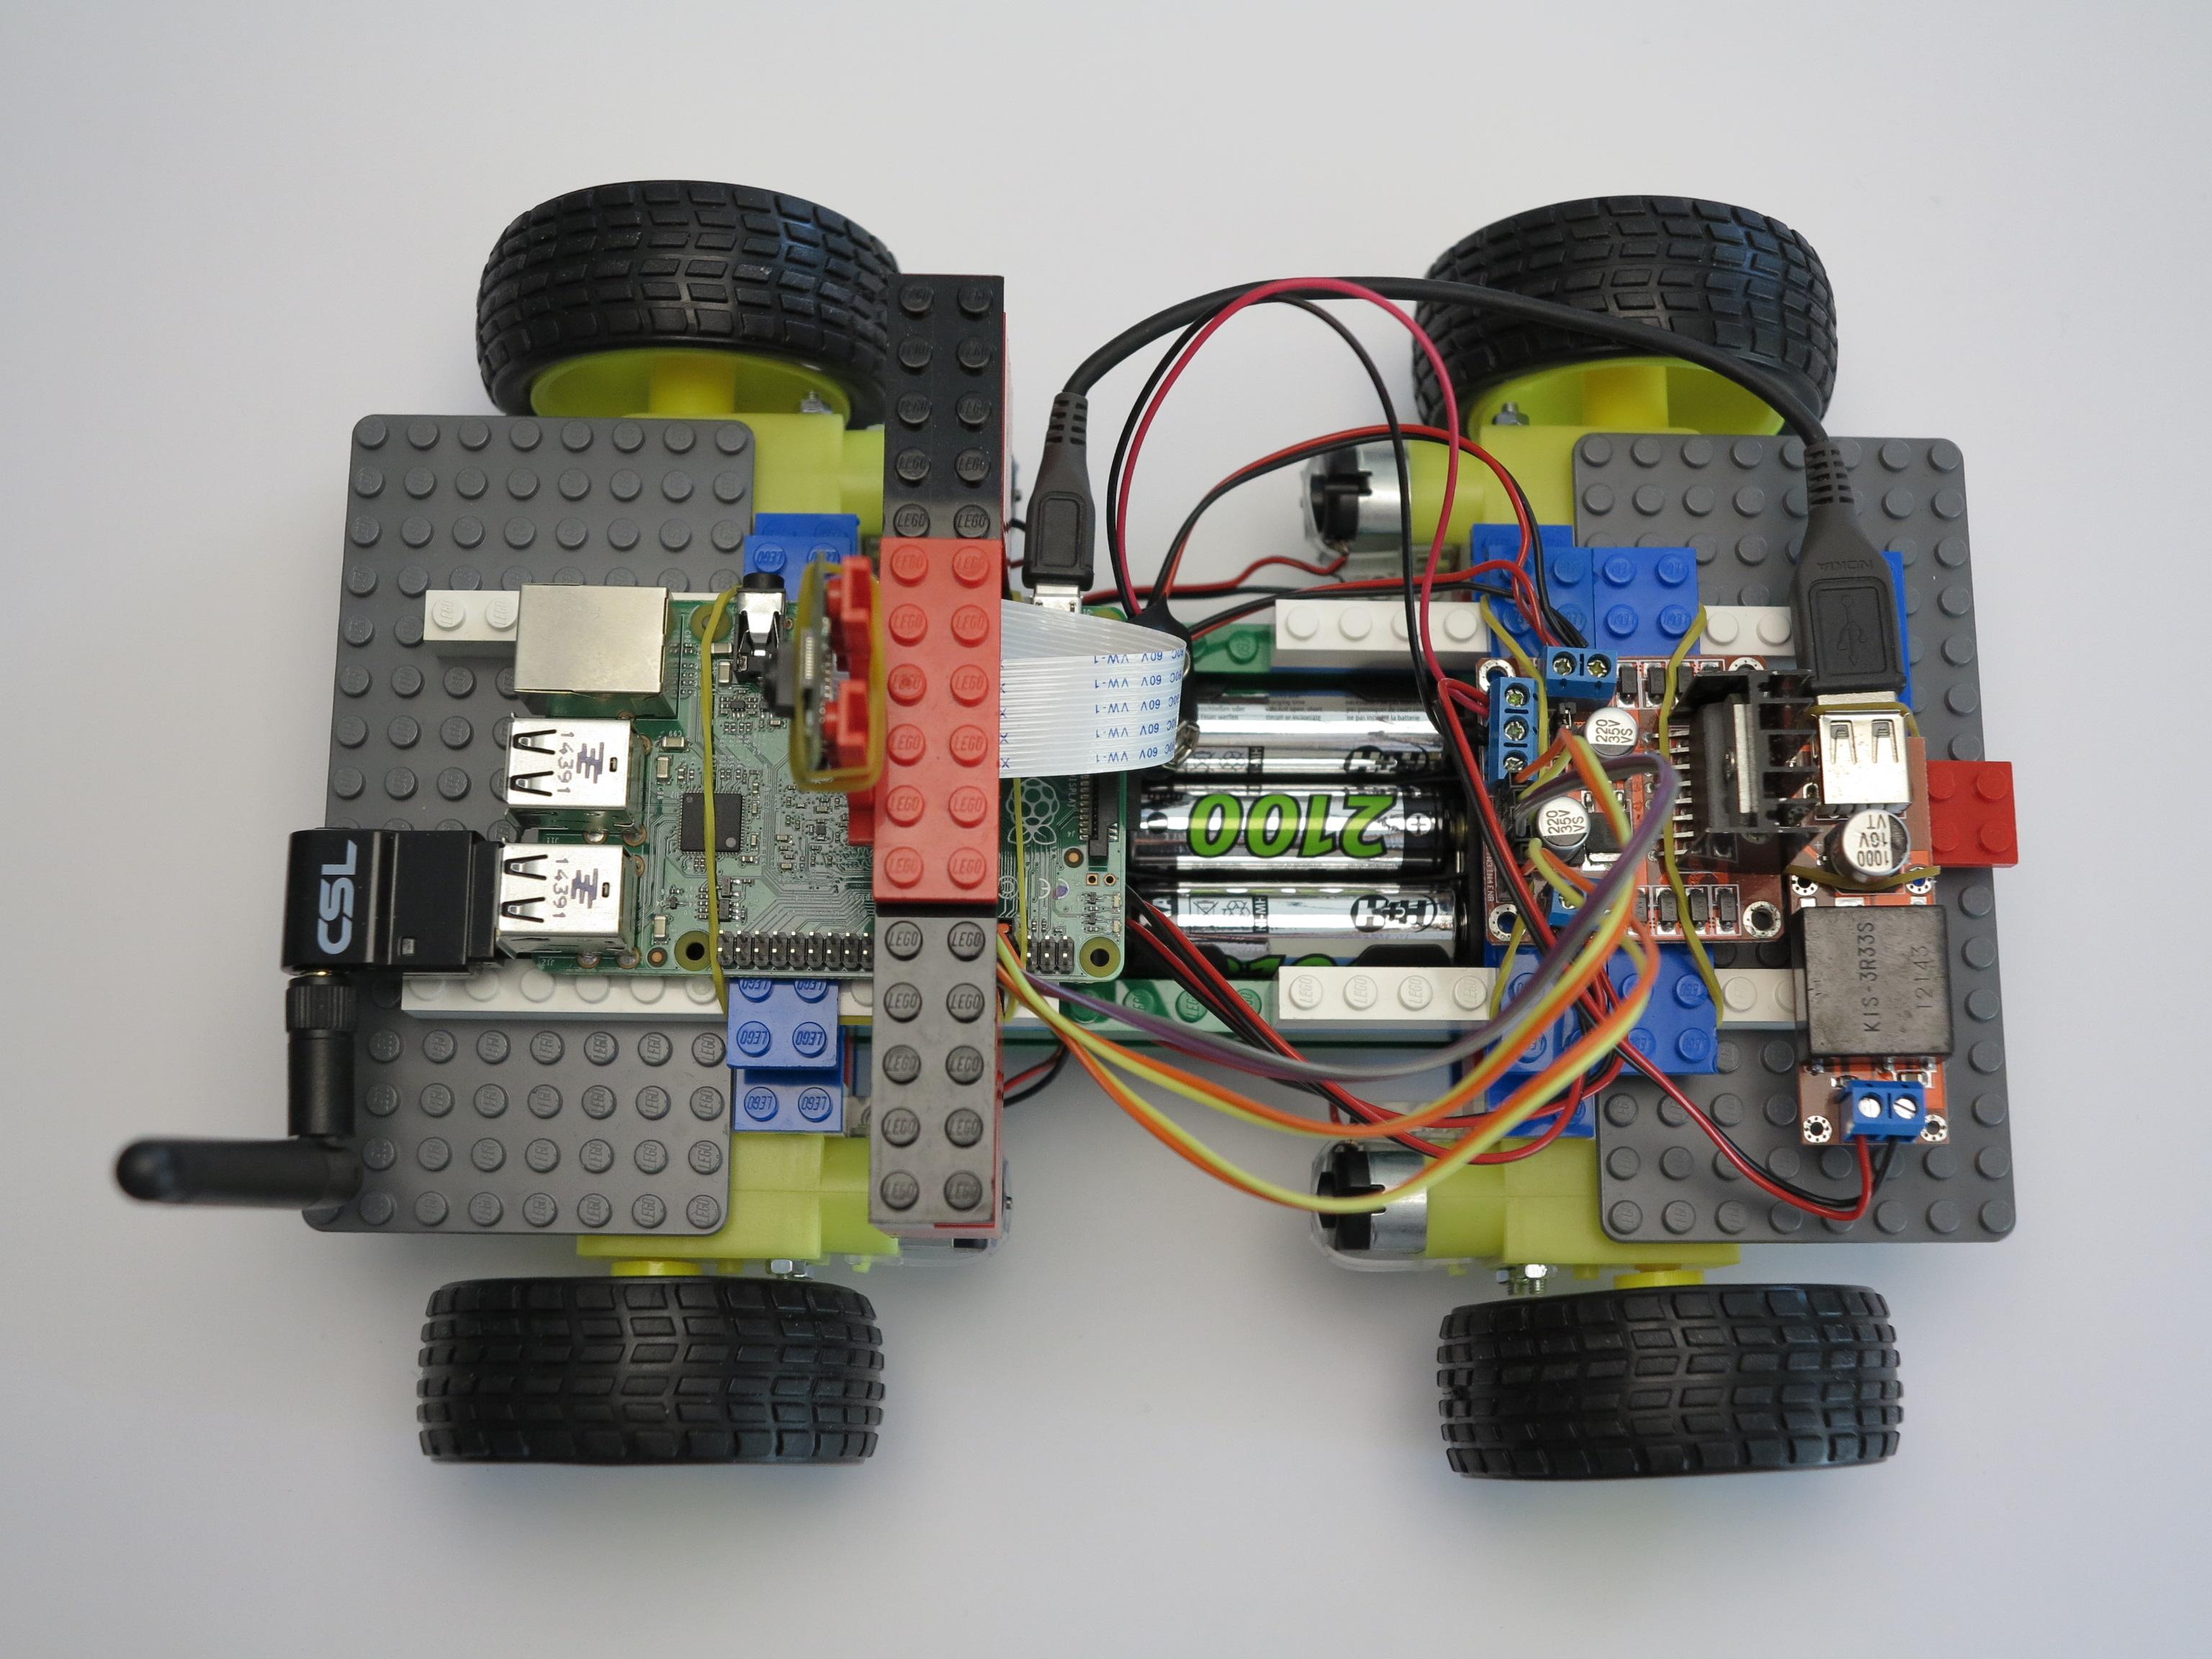 Build A Lego Computer Case